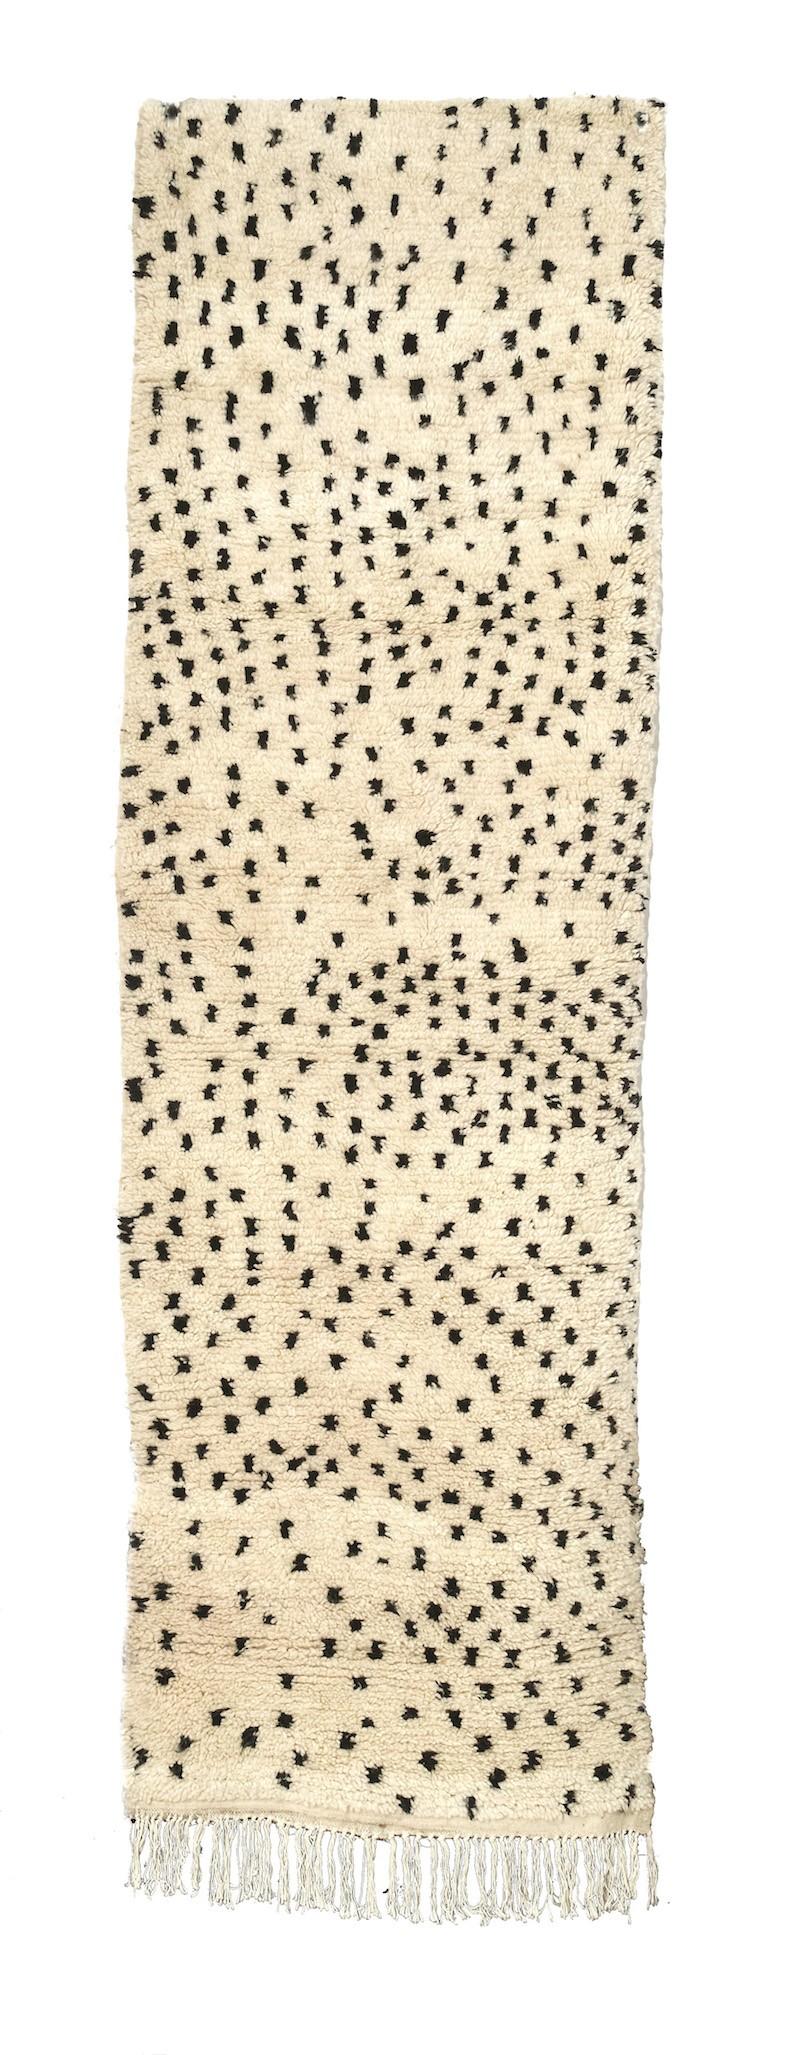 TAPIS BERBERE AZILAL 300 x 90 cm